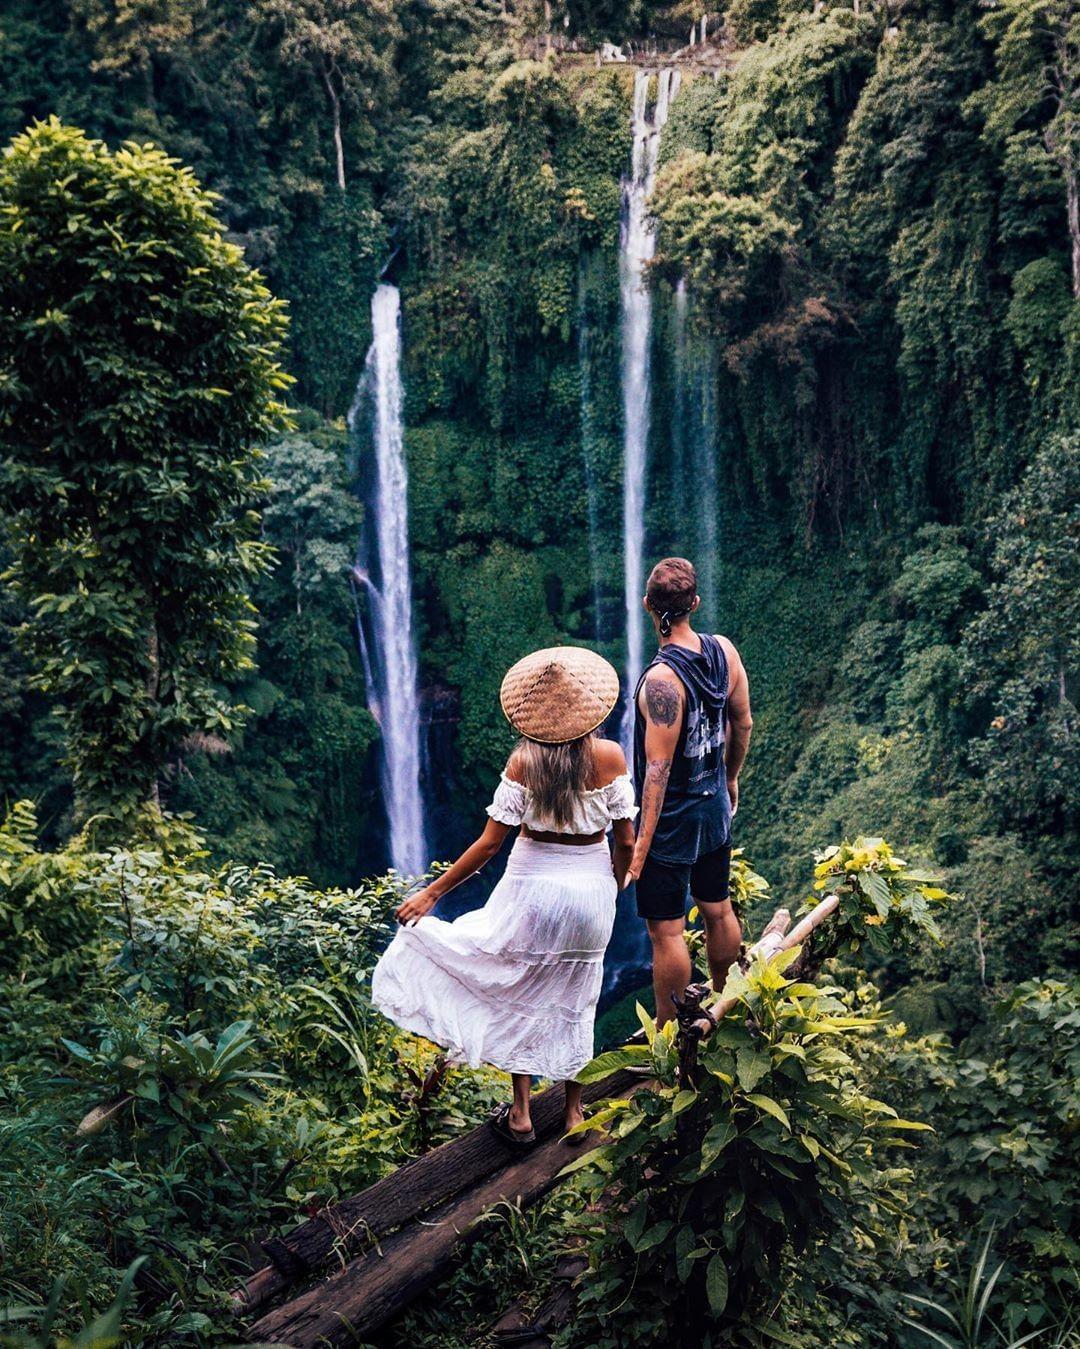 Air Terjun di Bali Instagrammable